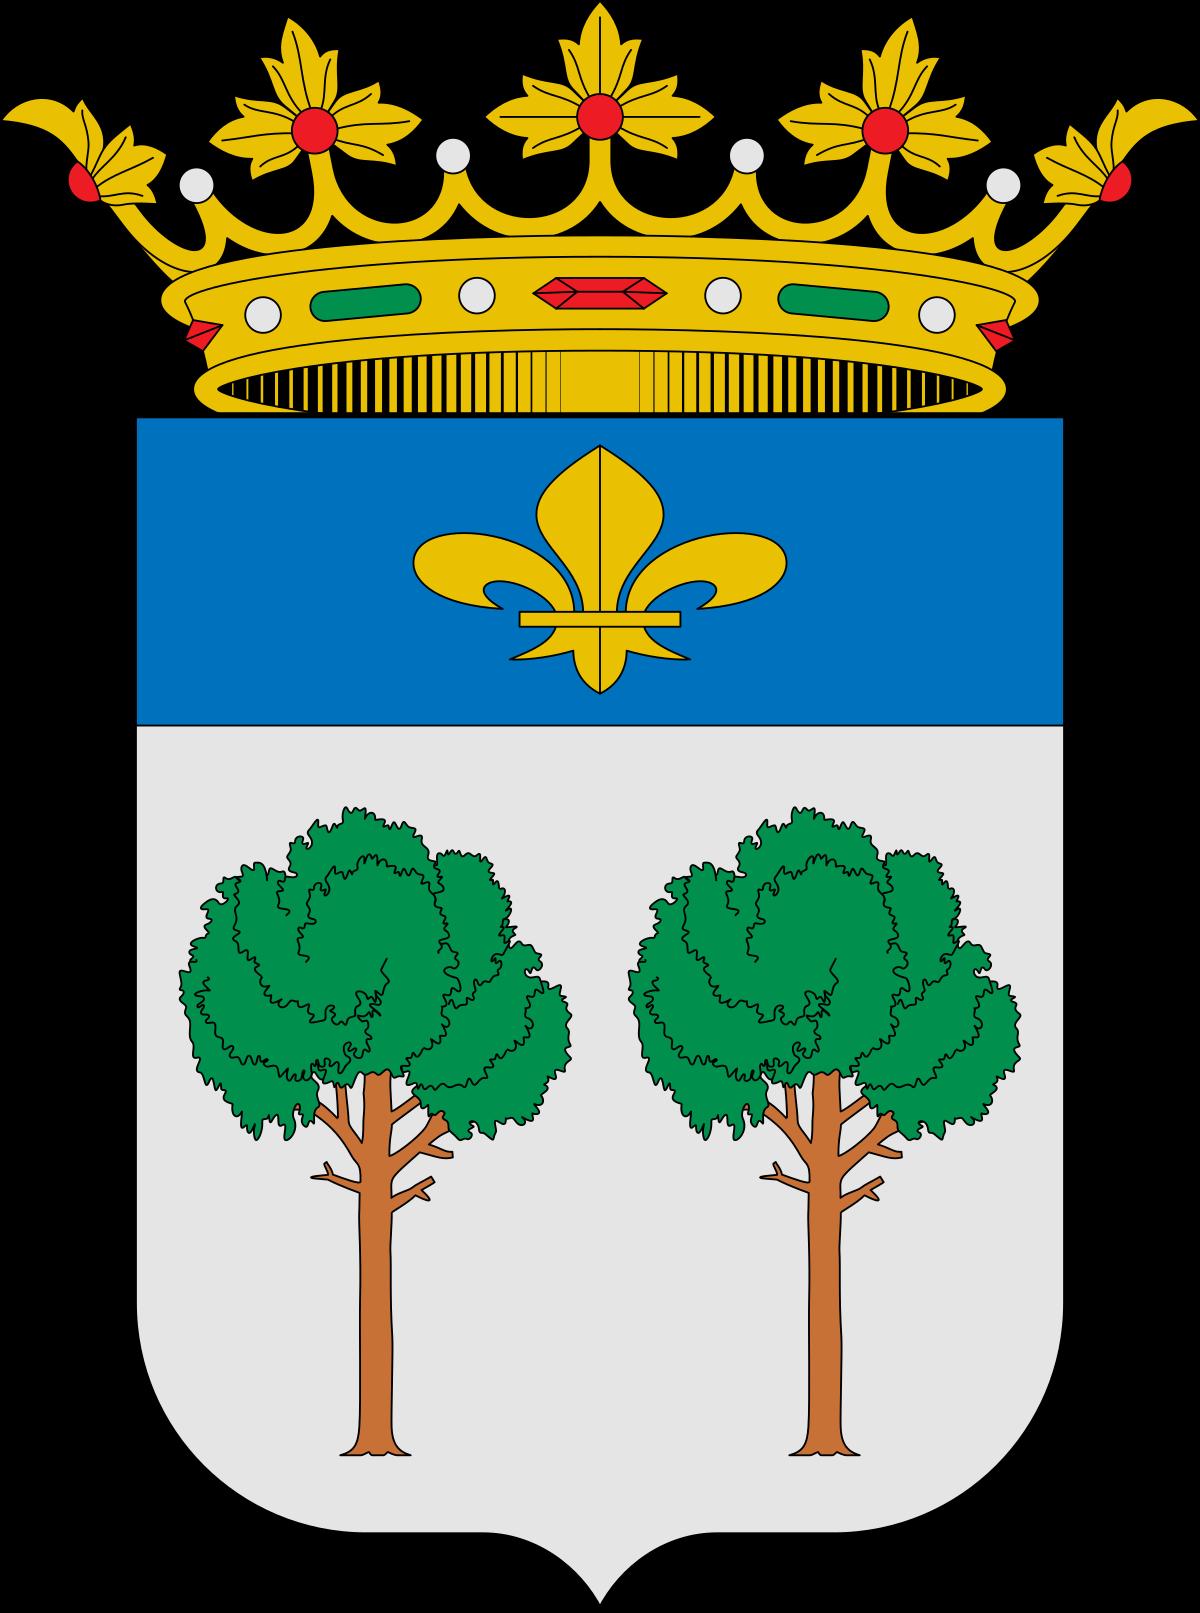 Escudo Monreal del Campo